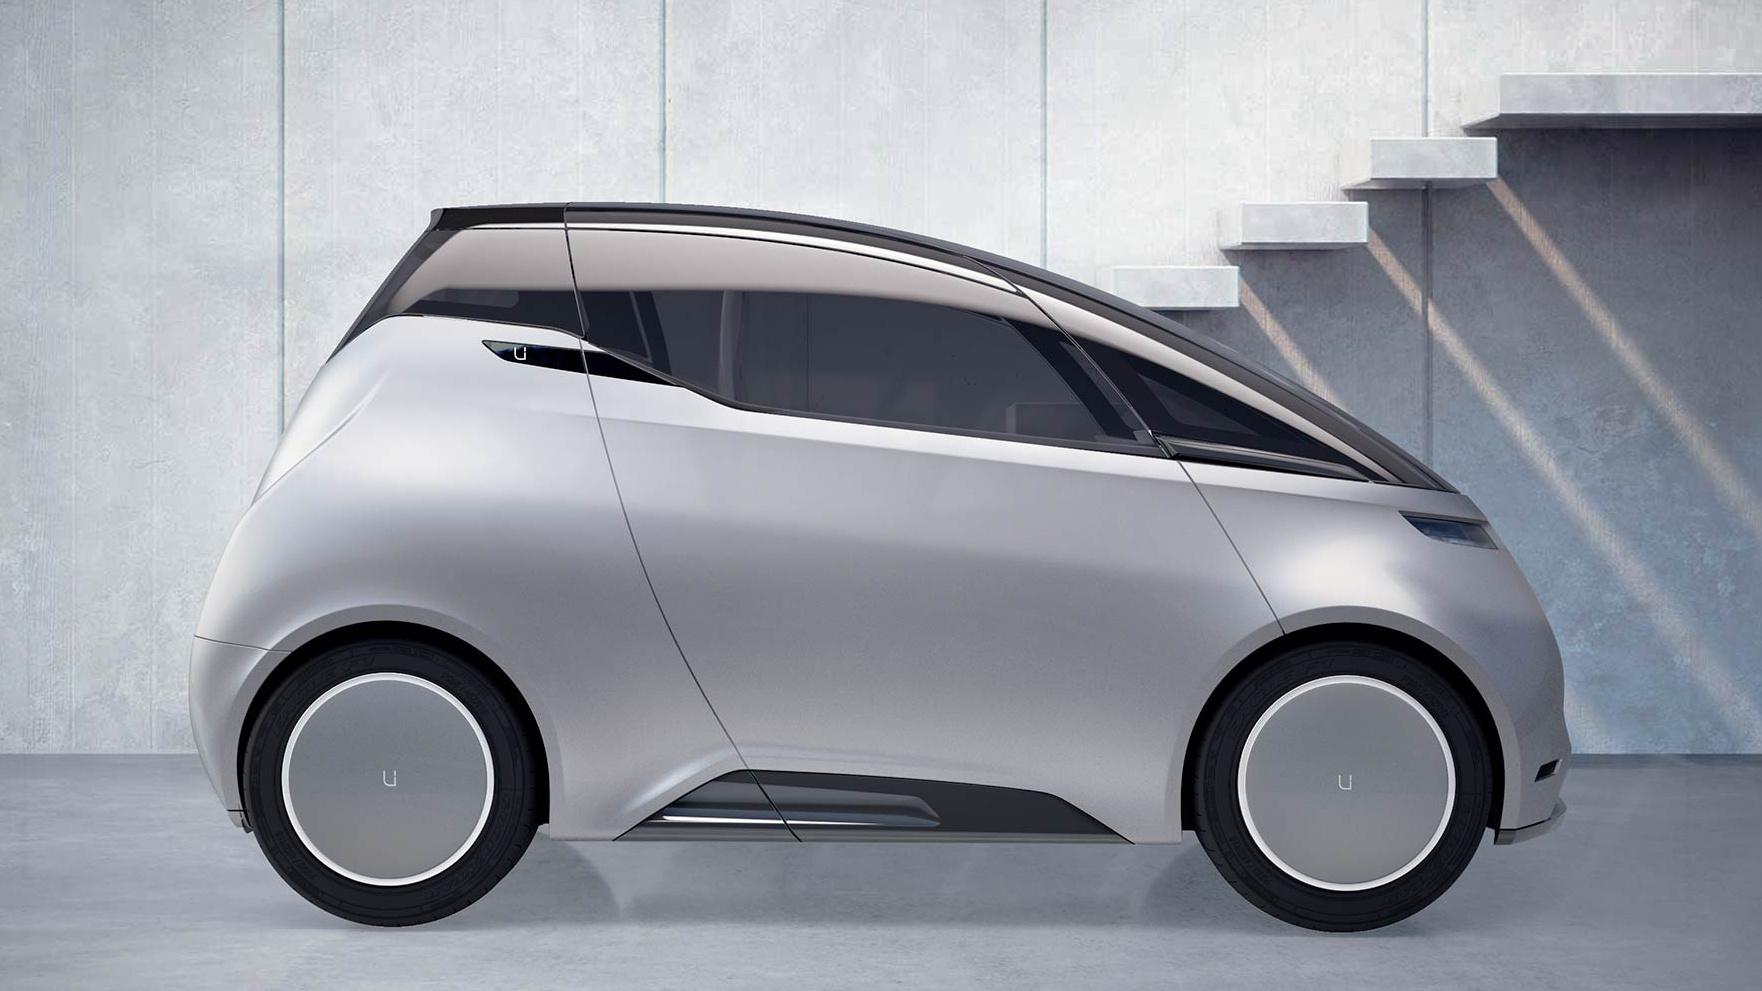 Uniti wird sein Crowdfunding Elektroauto in Landskrona produzieren